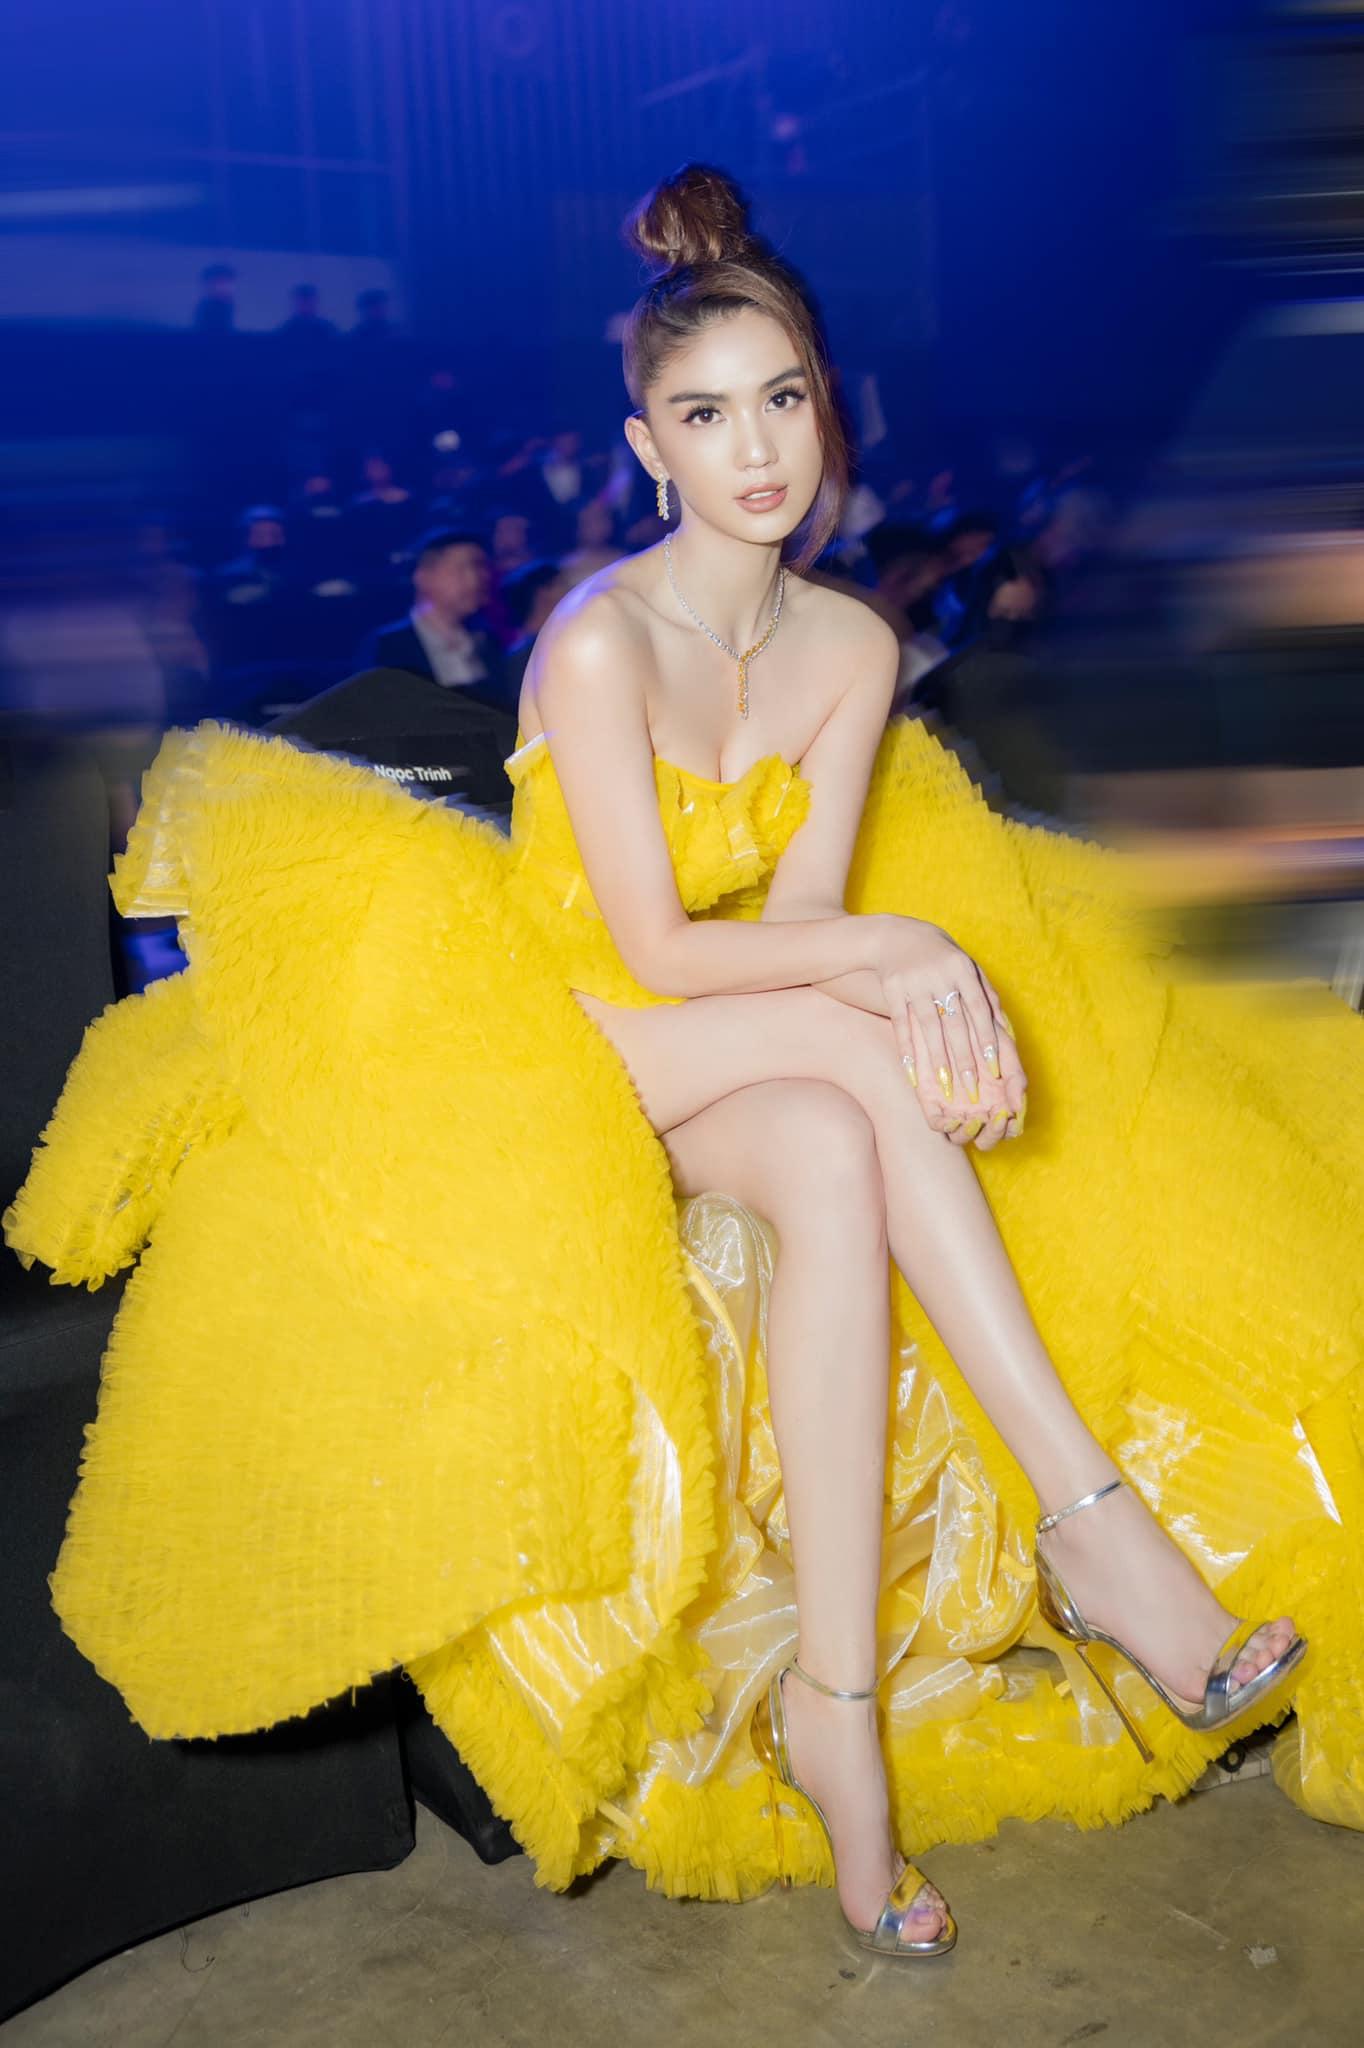 """Mix & Phối - Đại hội đồ nhái: Loạt trang phục của sao Việt bị bóc đến bẽ bàng, chiếc váy cồng kềnh của Ngọc Trinh cũng vướng """"thị phi"""" - chanvaydep.net 4"""